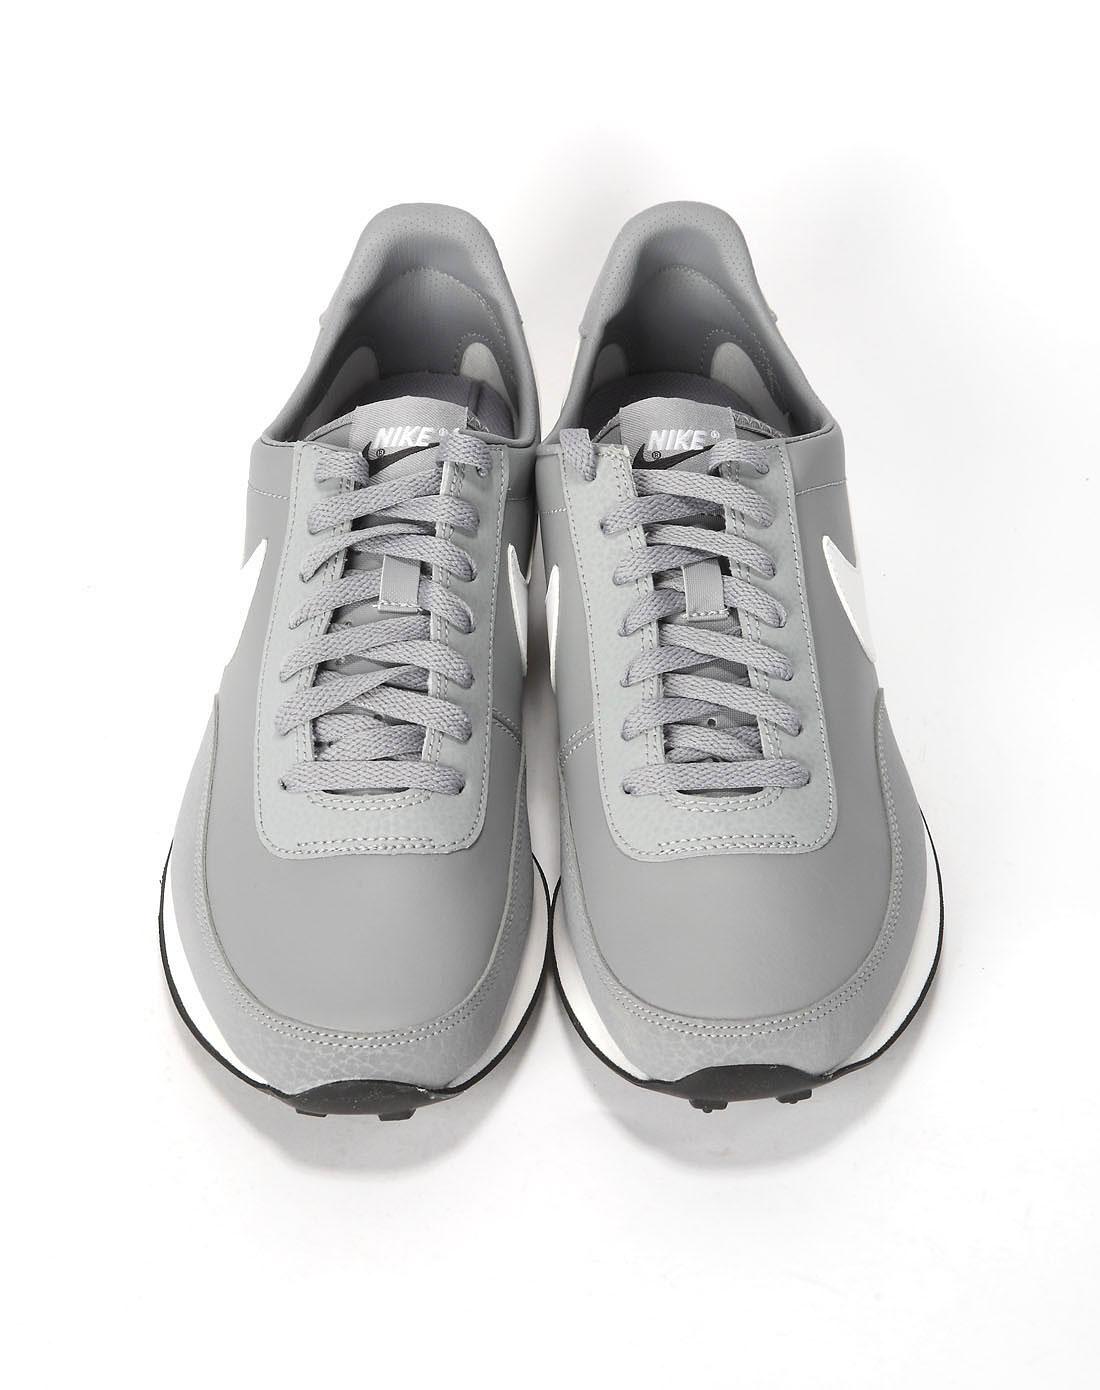 耐克nike男子灰色复古鞋487930-010